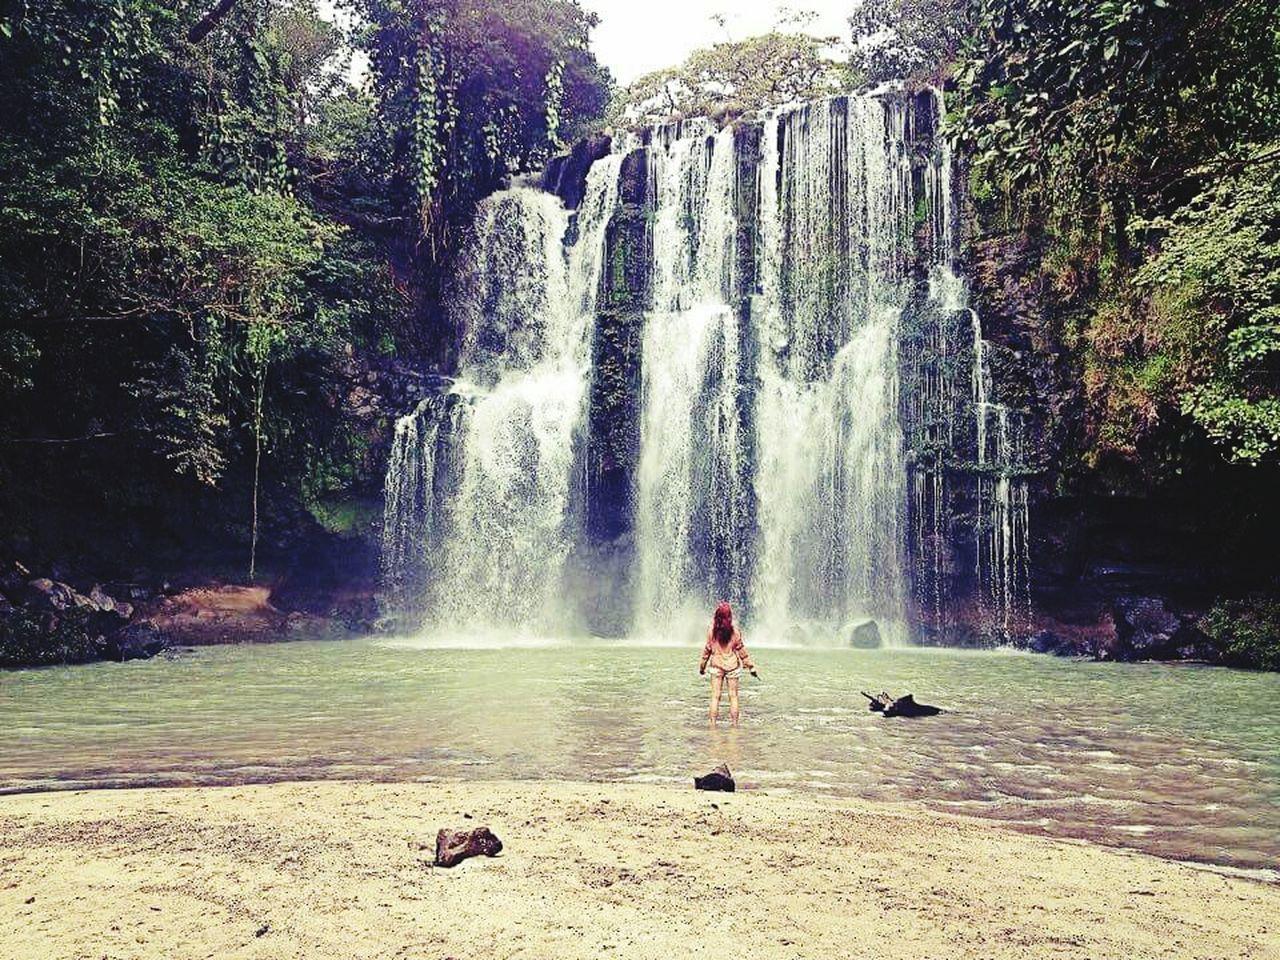 Water Costarica Waterfall Cachoeira Cataratas Guanacaste Costa Rica Boavida Bonnevite